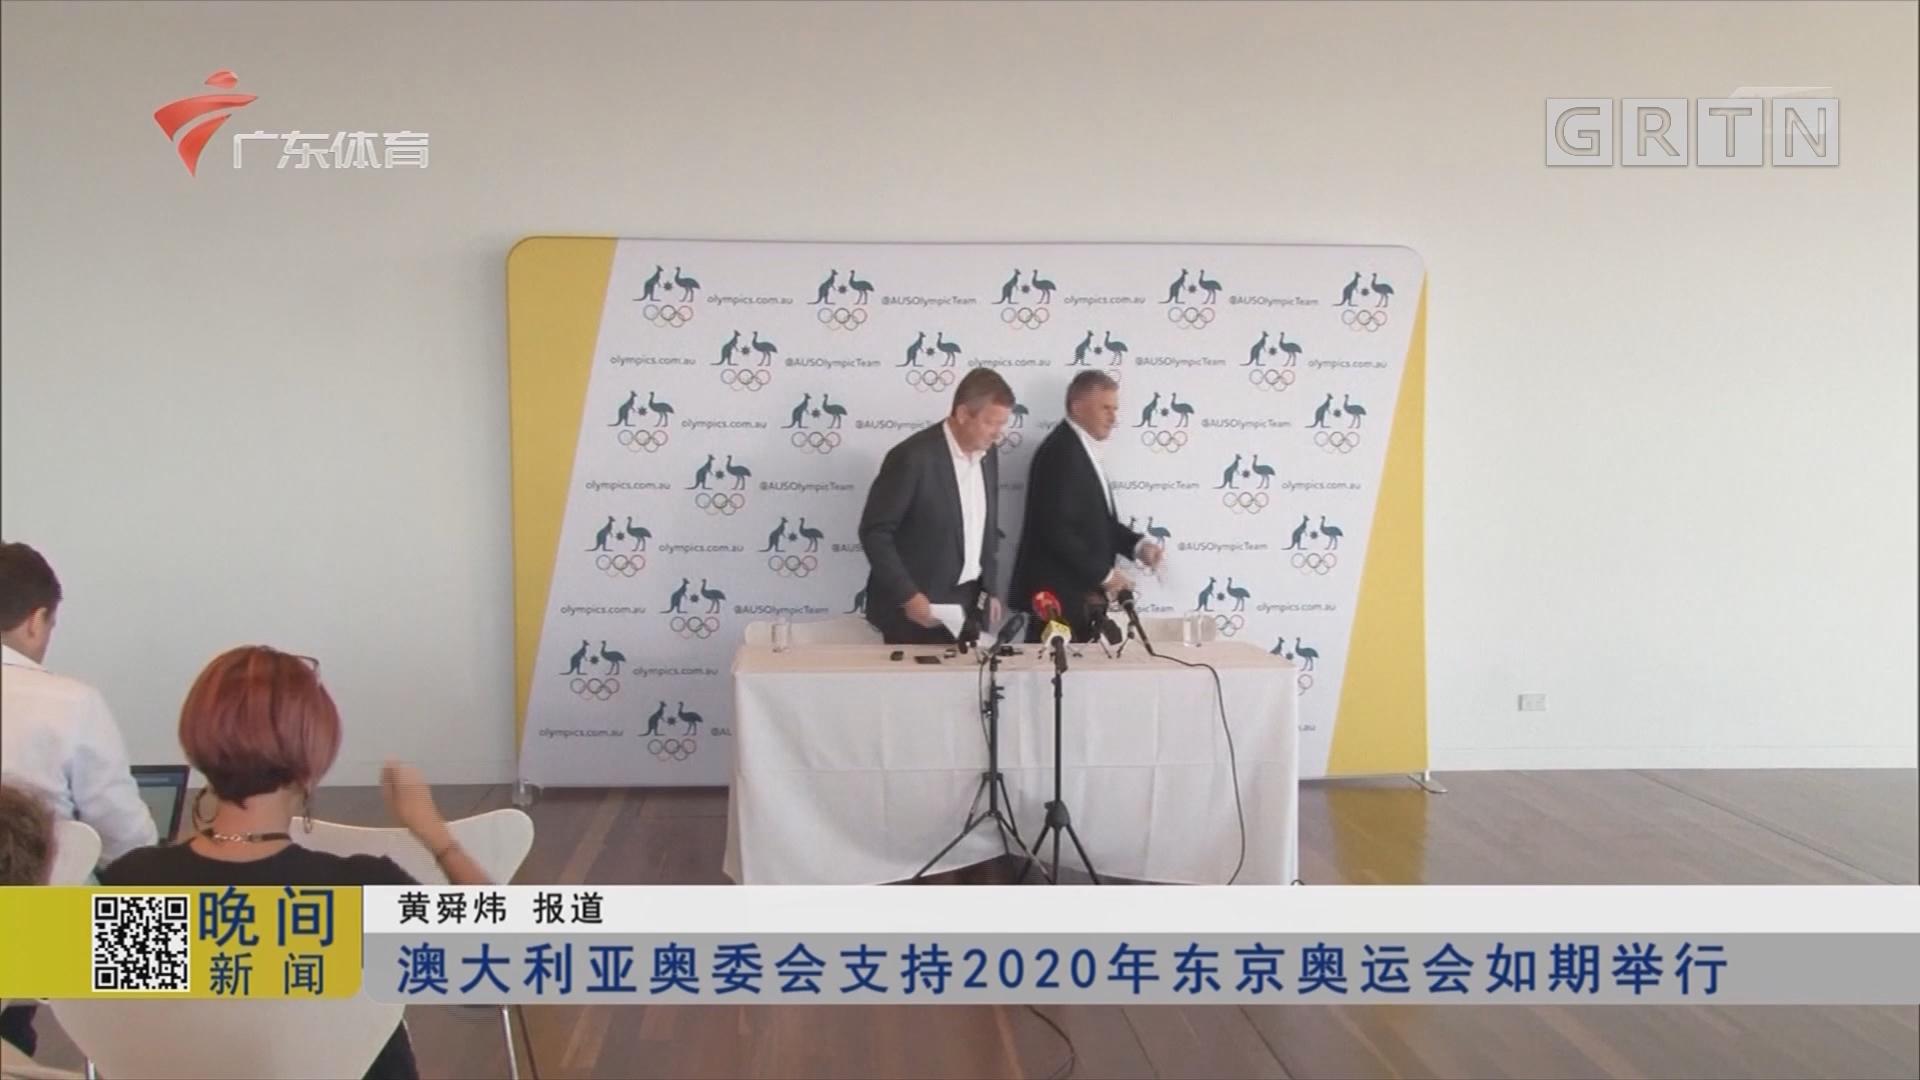 澳大利亚奥委会支持2020年东京奥运会如期举行